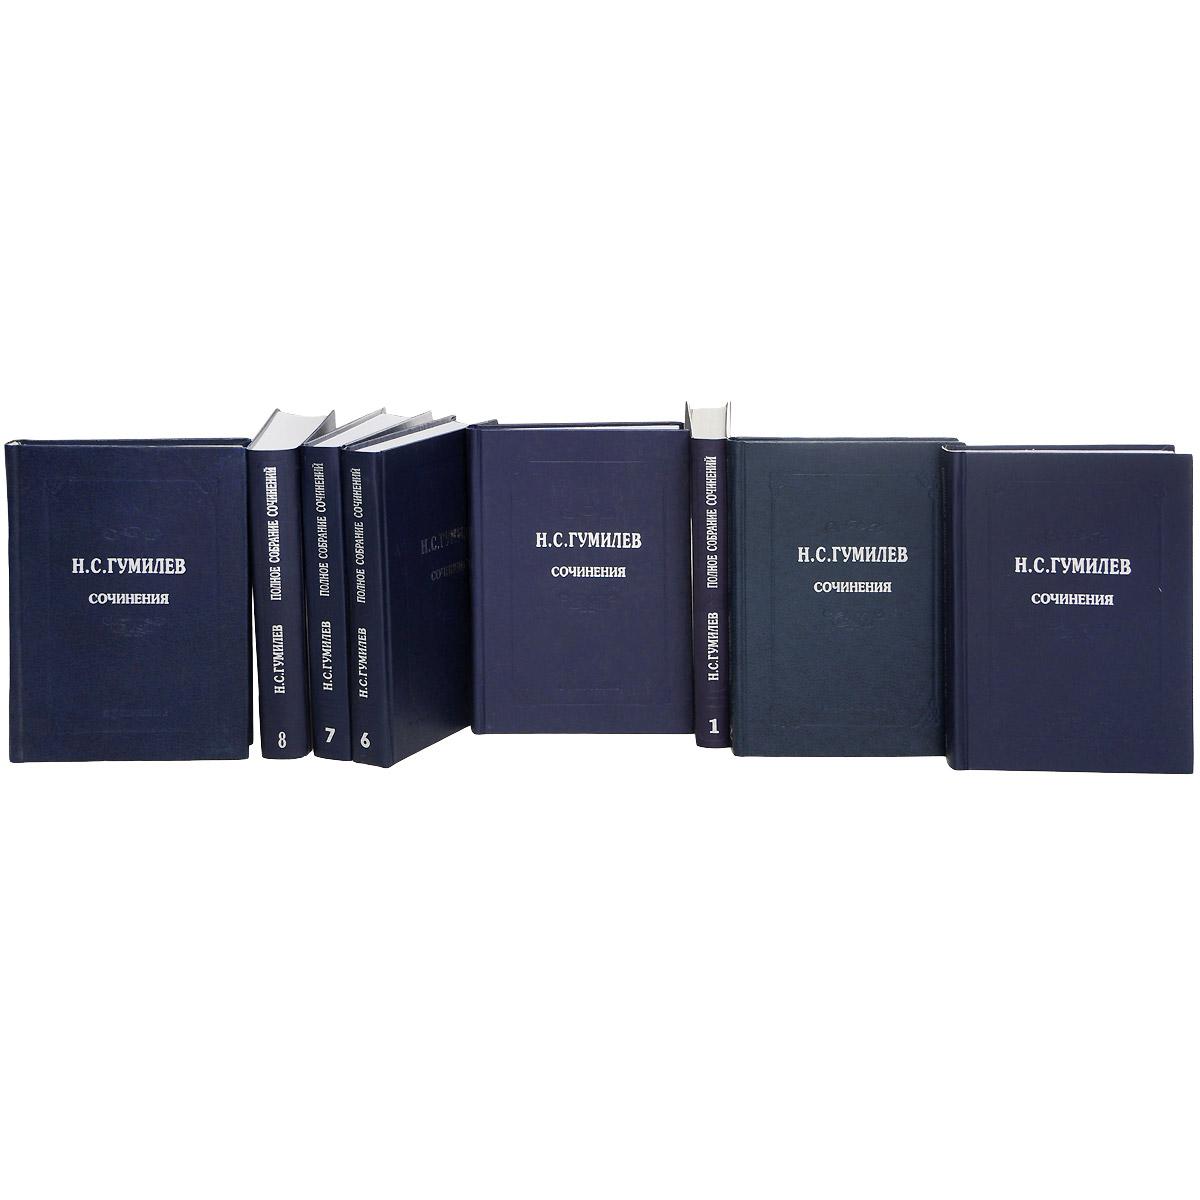 Н. С. Гумилев. Полное собрание сочинений в 10 томах (комплект из 8 книг)